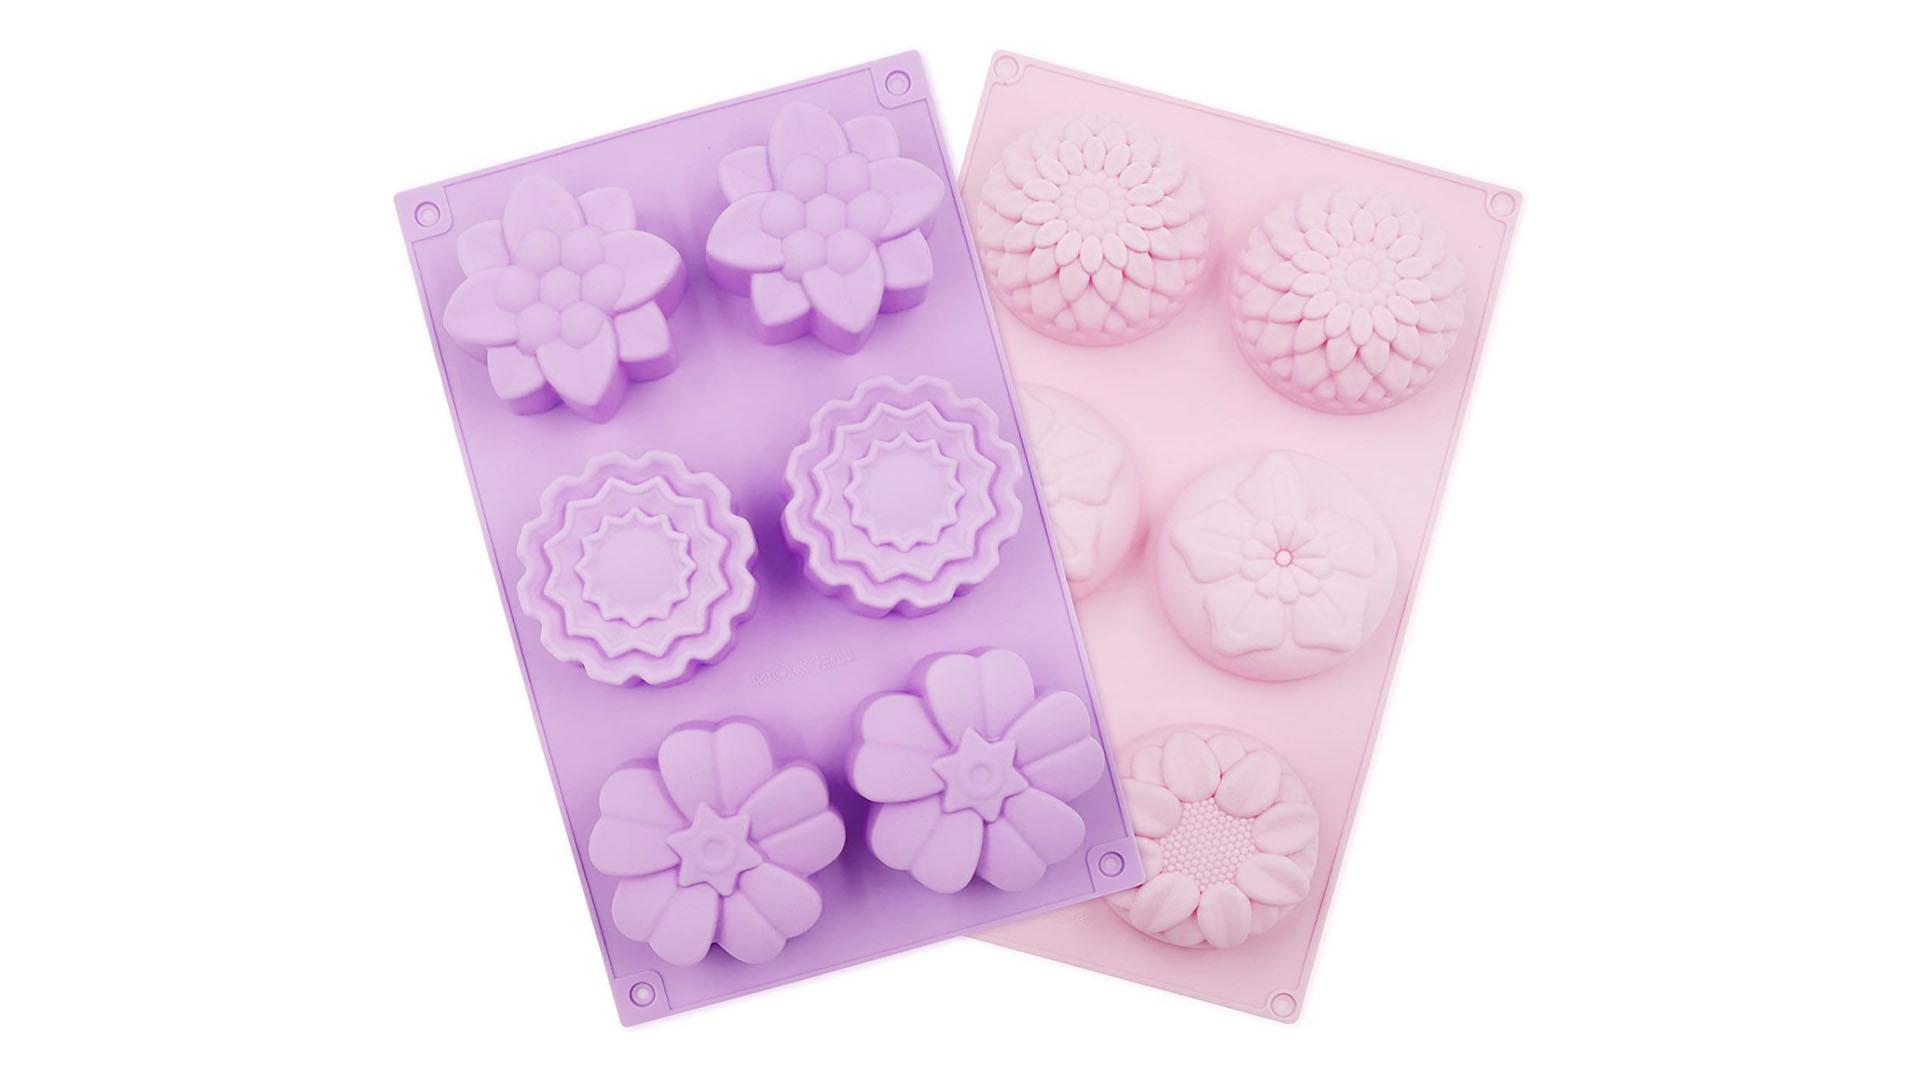 6 캐비티 꽃 실리콘 DIY 수제 비누 금형